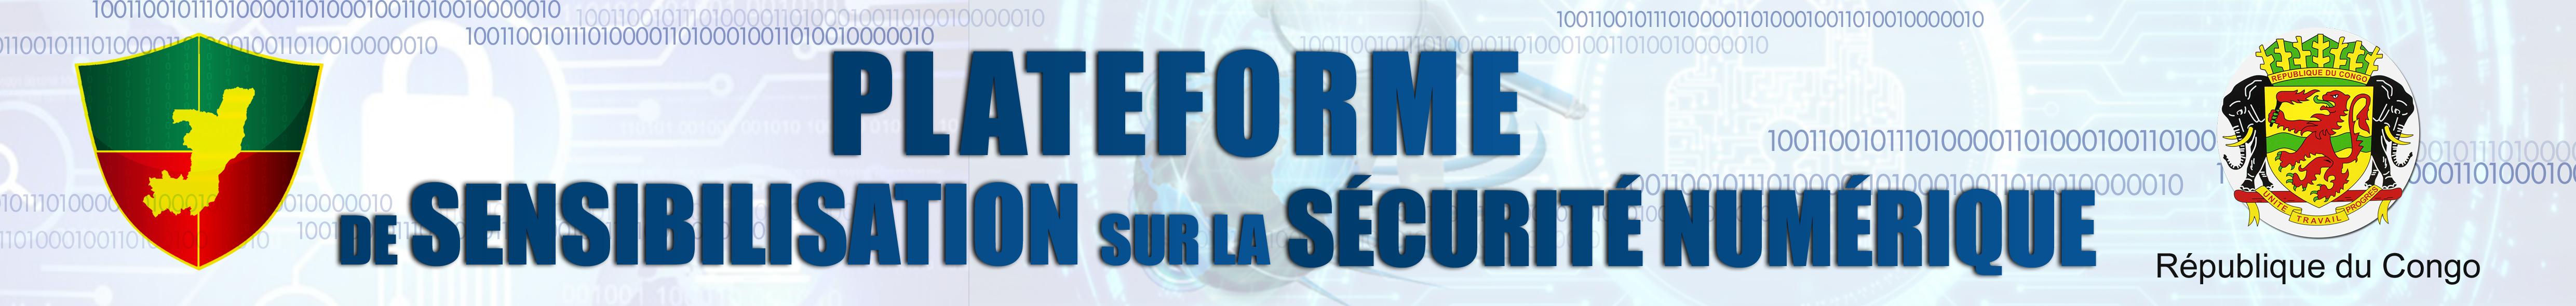 Plateforme de sensibilisation sur la sécurité numérique